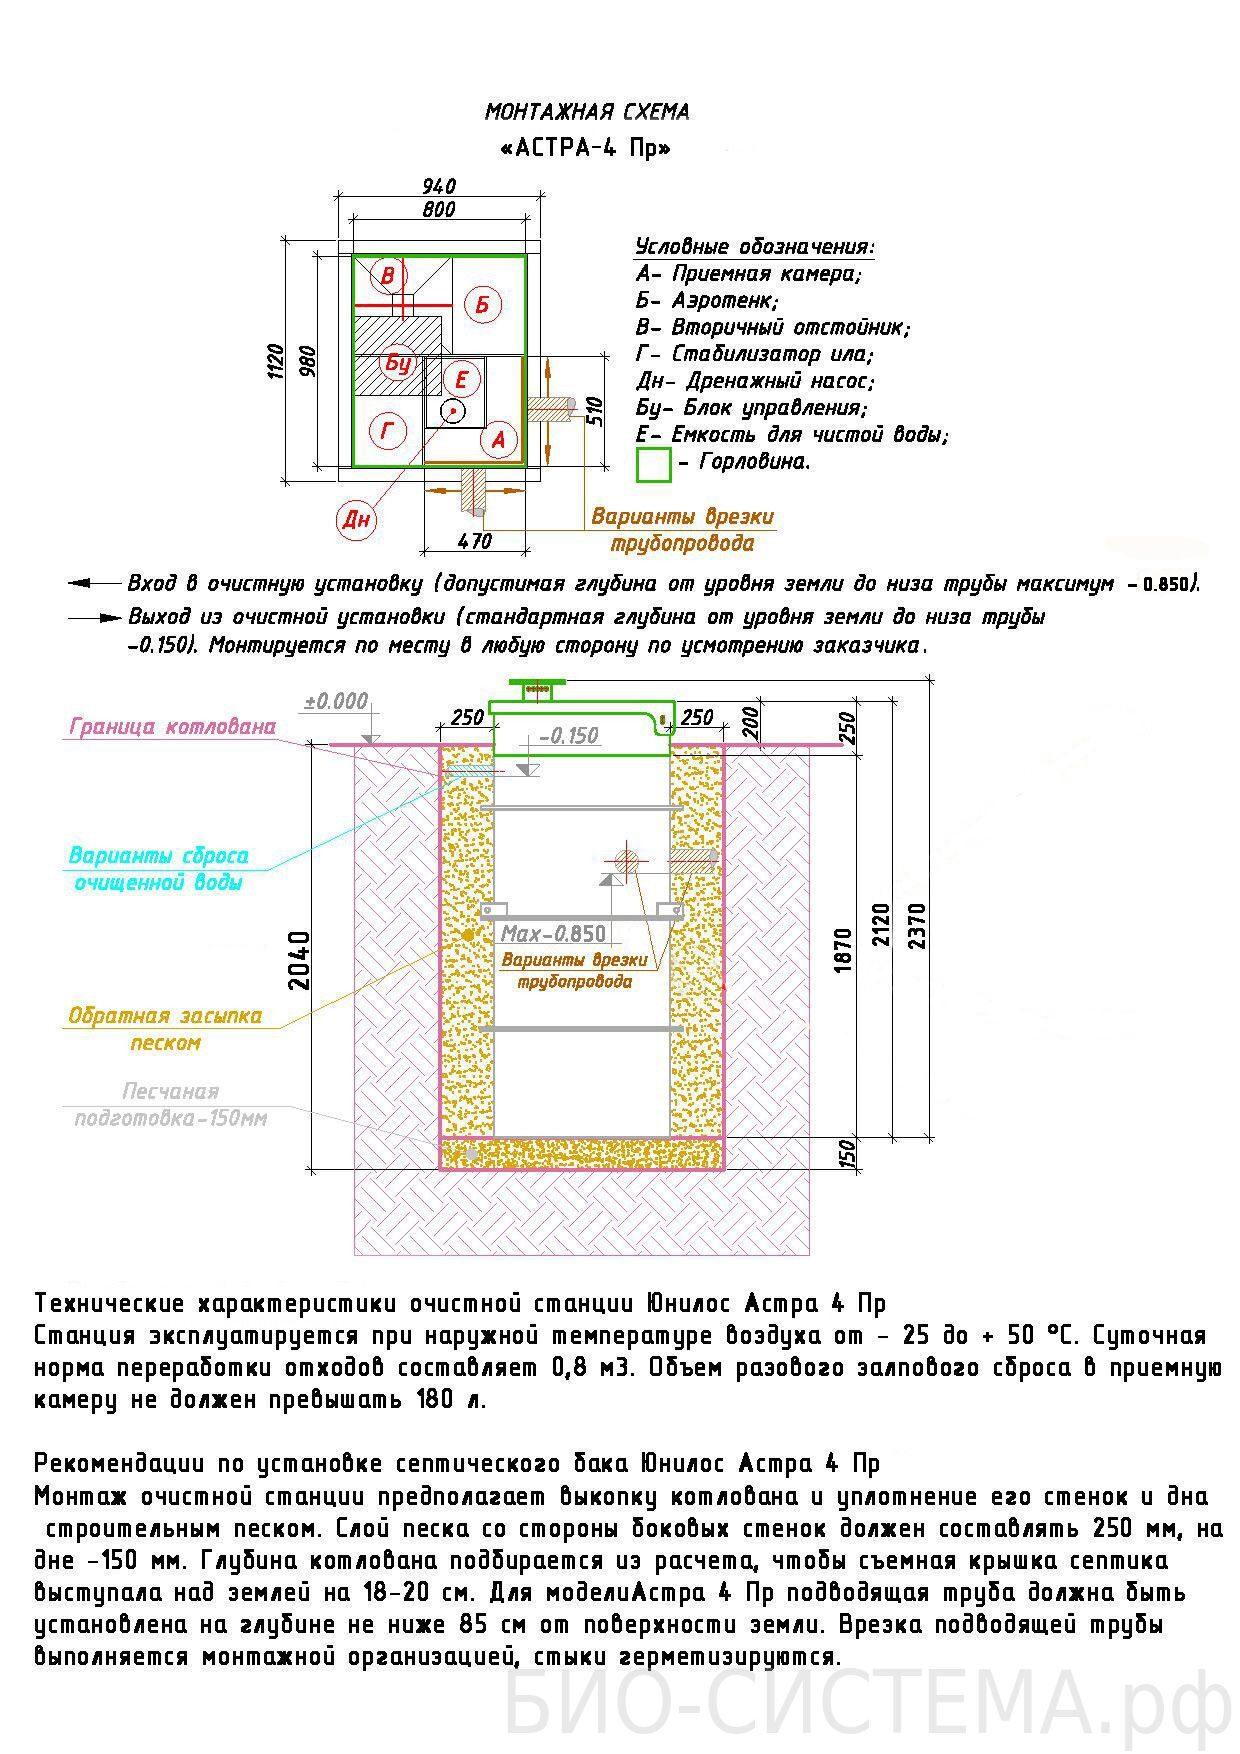 Юнилос астра 4 схема монтажа